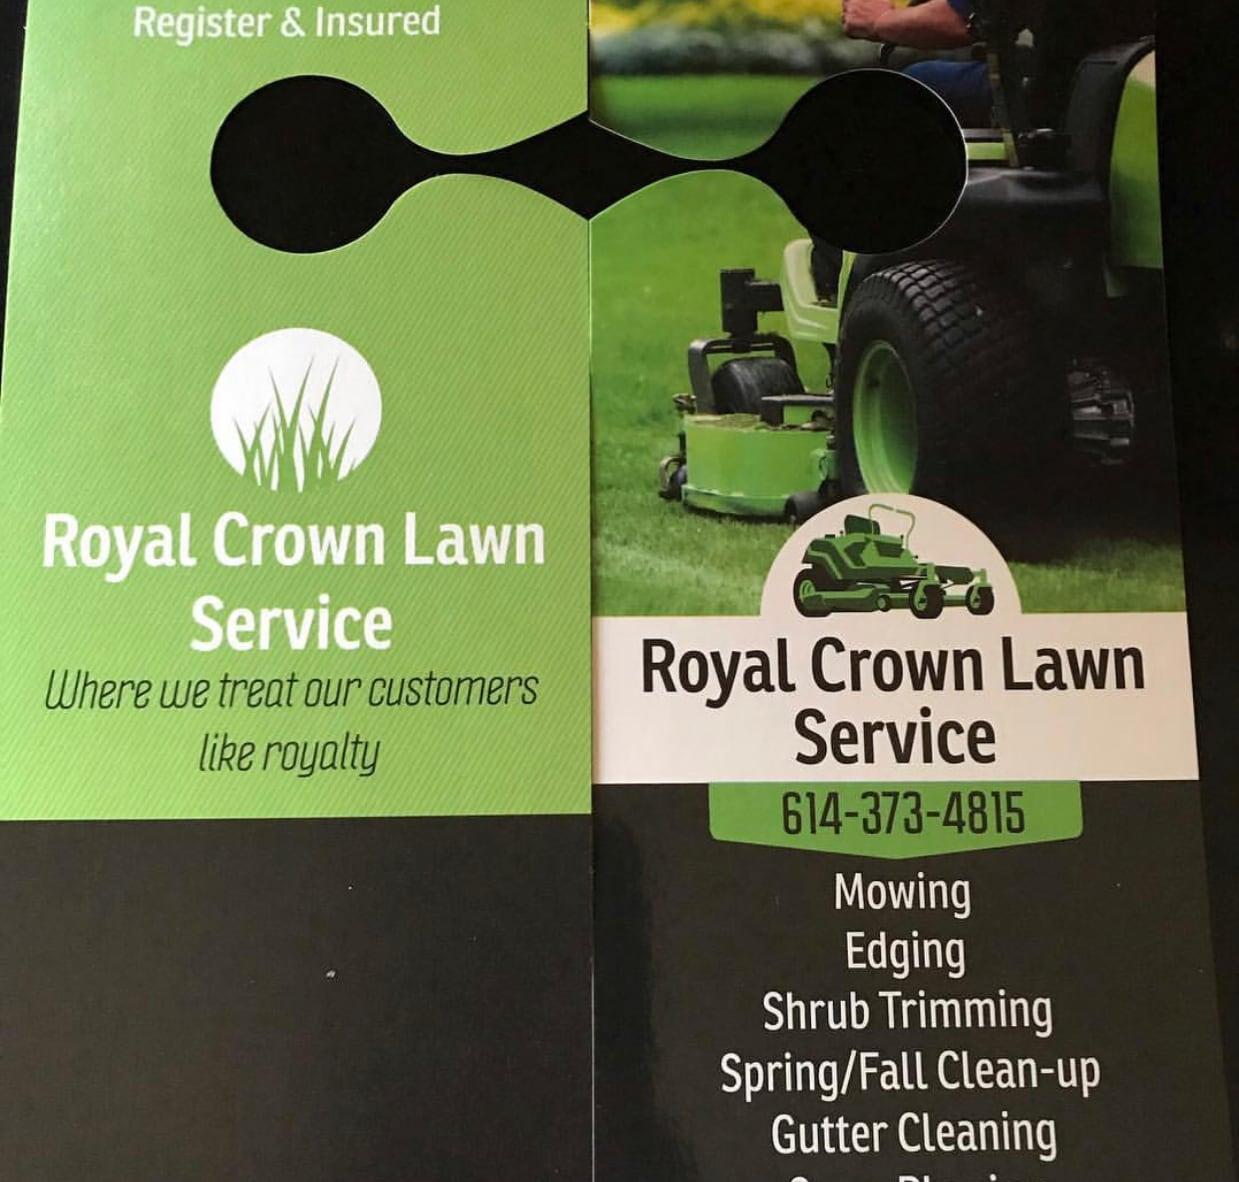 Royal Crown Lawn Service,LLC